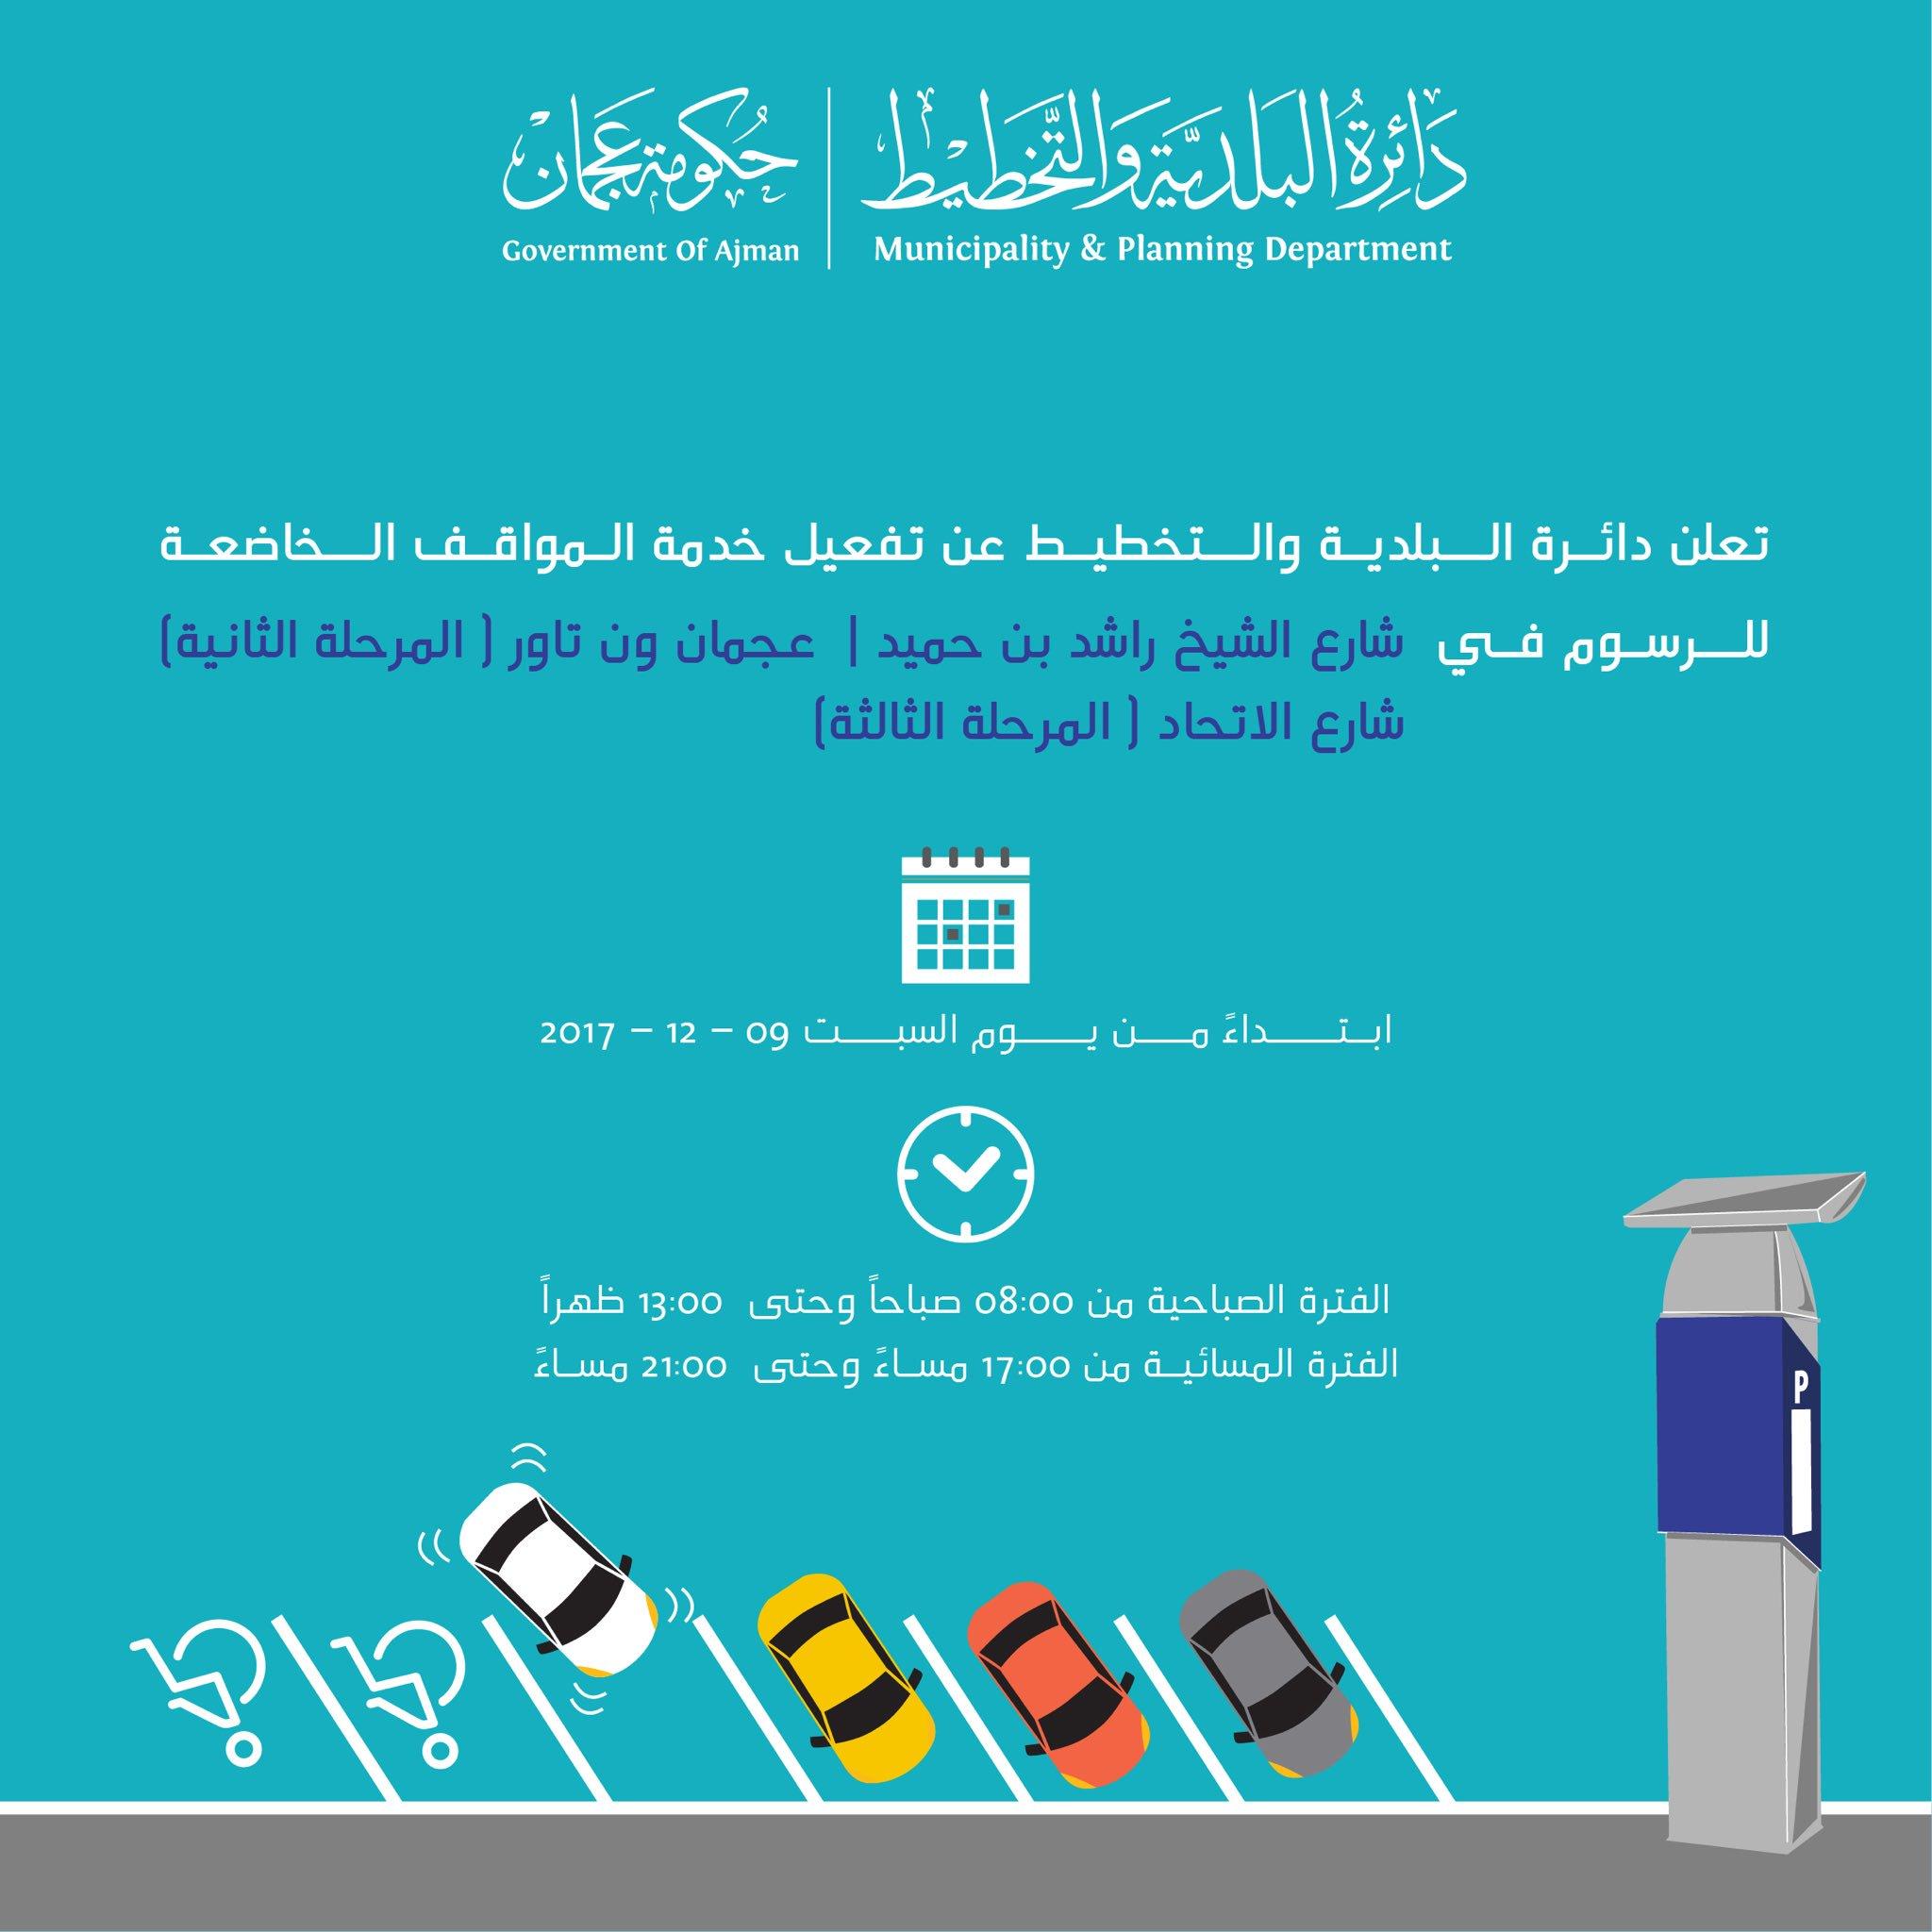 تطبيق دفع رسوم المواقف على شارعي الاتحاد وراشد بن حميد في عجمان السبت